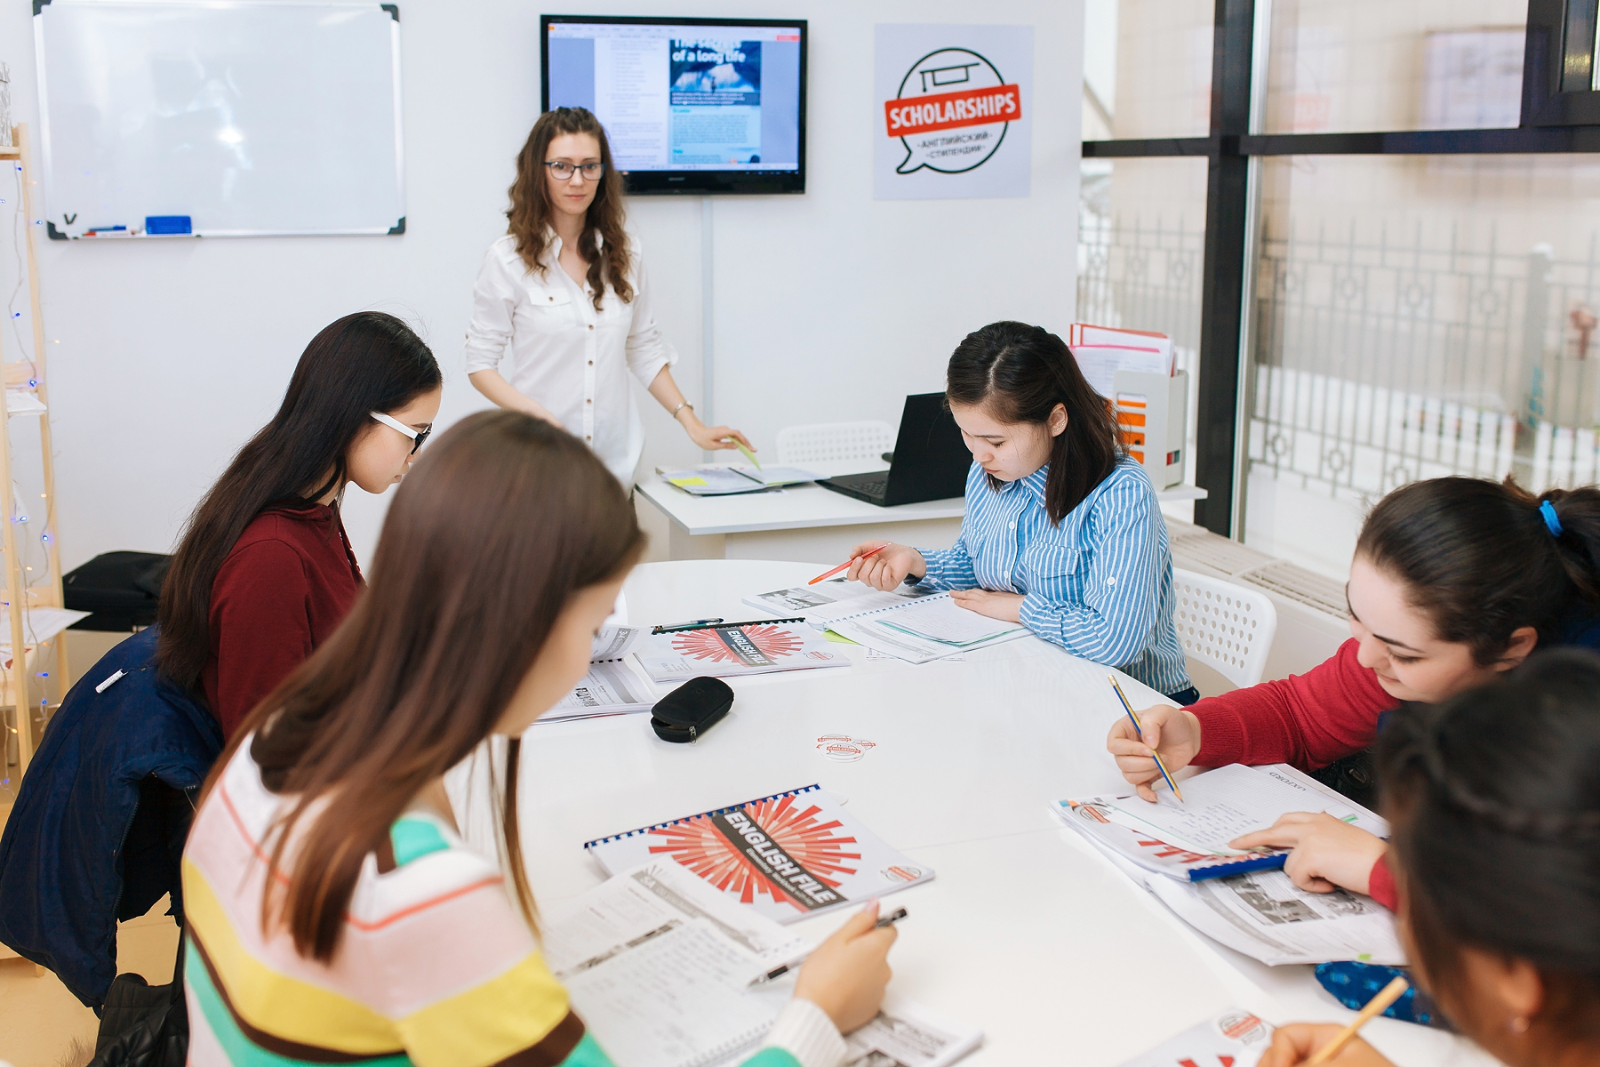 Занятие в группе уровняElementary (А1).Уроки полностью на английском для всех уровней, чтобы быстрее избавиться от языкового барьера